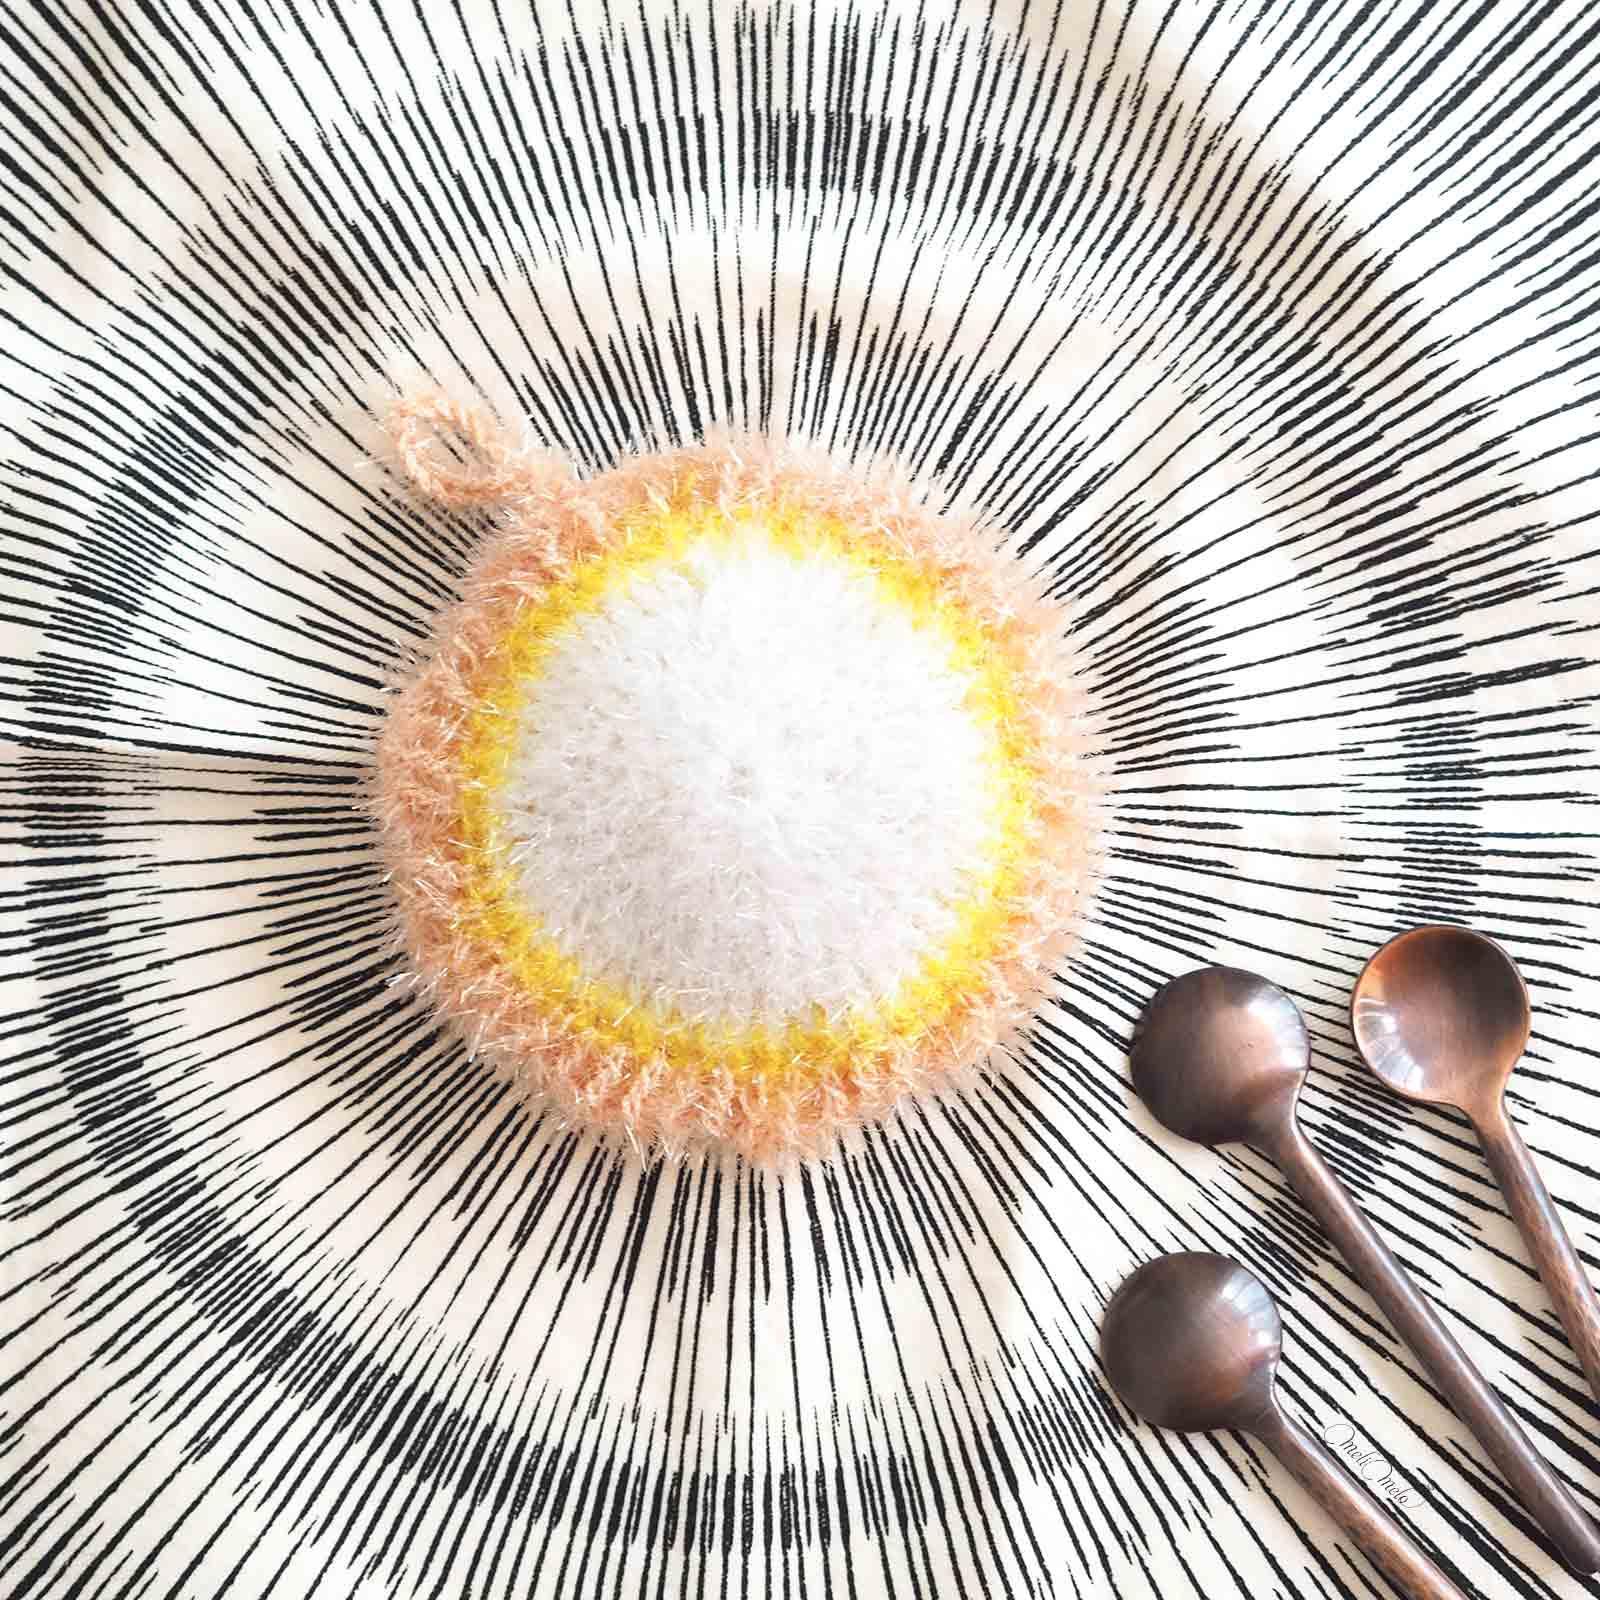 Côté pile Éponge Tawashi pâquerettes taille Creative Bubble Rico Design homeware Jurianne Matter laboutiquedemelimelo